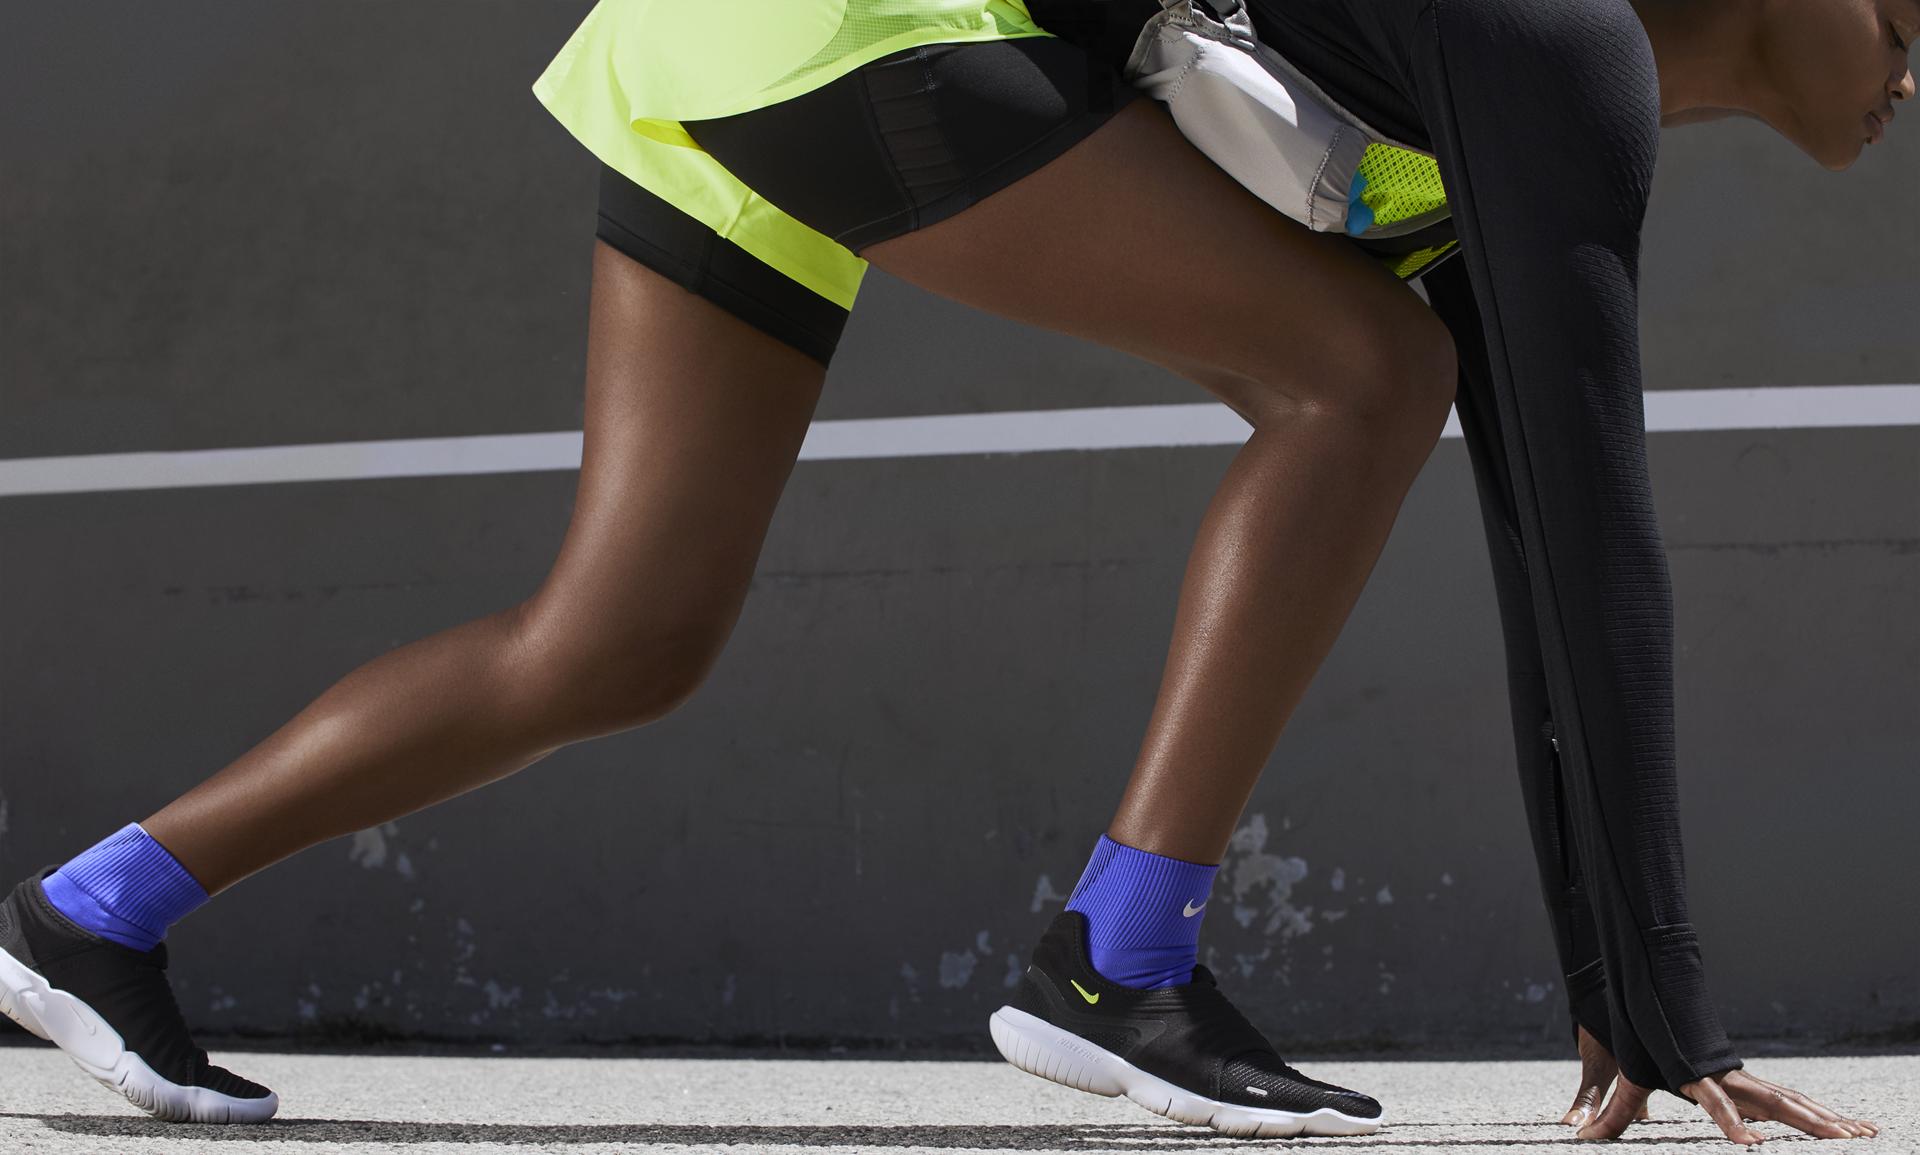 Nike Flyknit RN 0 Shoe Running Free Women's 3 1cTFlKJ